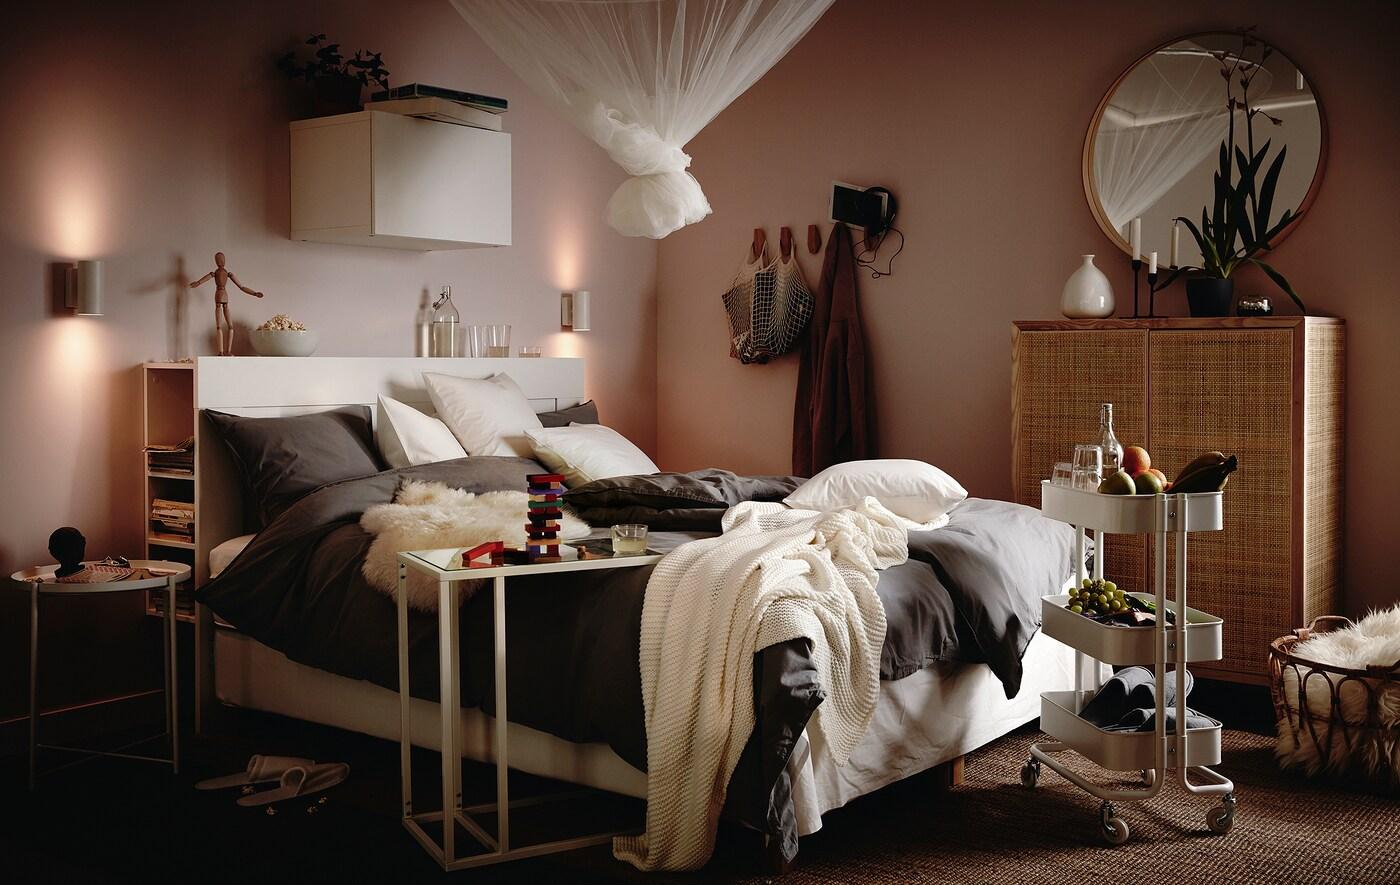 Un lit chargé de literie duveteuse, de coussins et de jetés; une desserte à côté pourvue de collations et de boissons; un moustiquaire en nœud suspendu au-dessus.